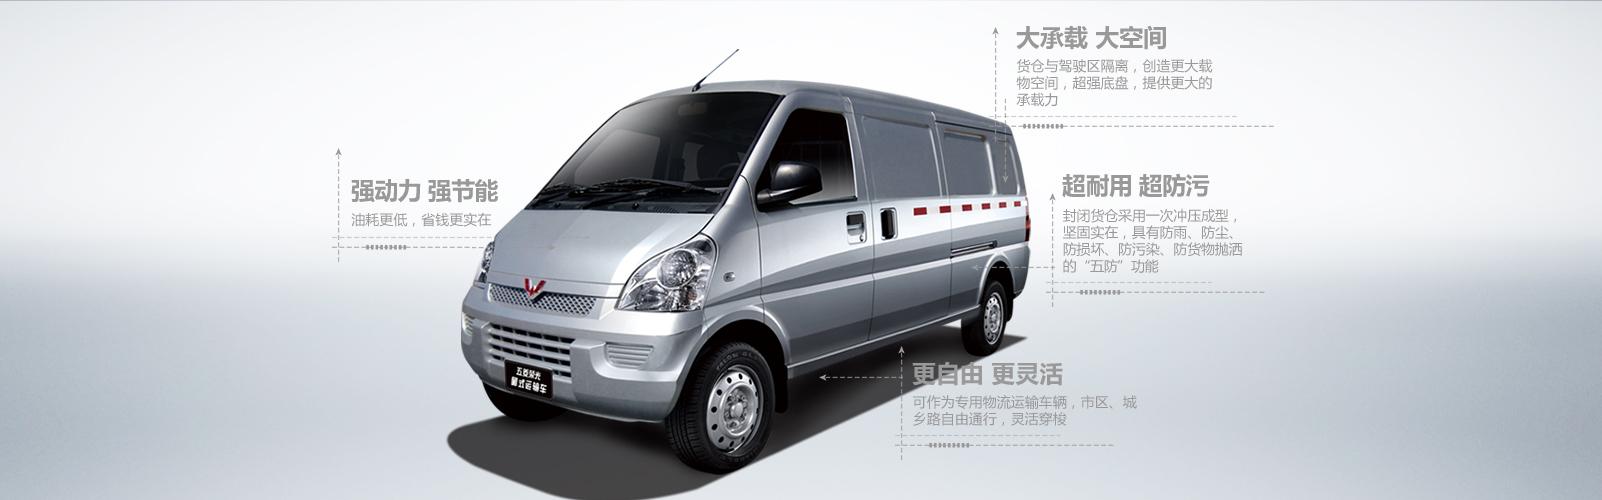 五菱荣光加长版微货车-厢式运输车图片